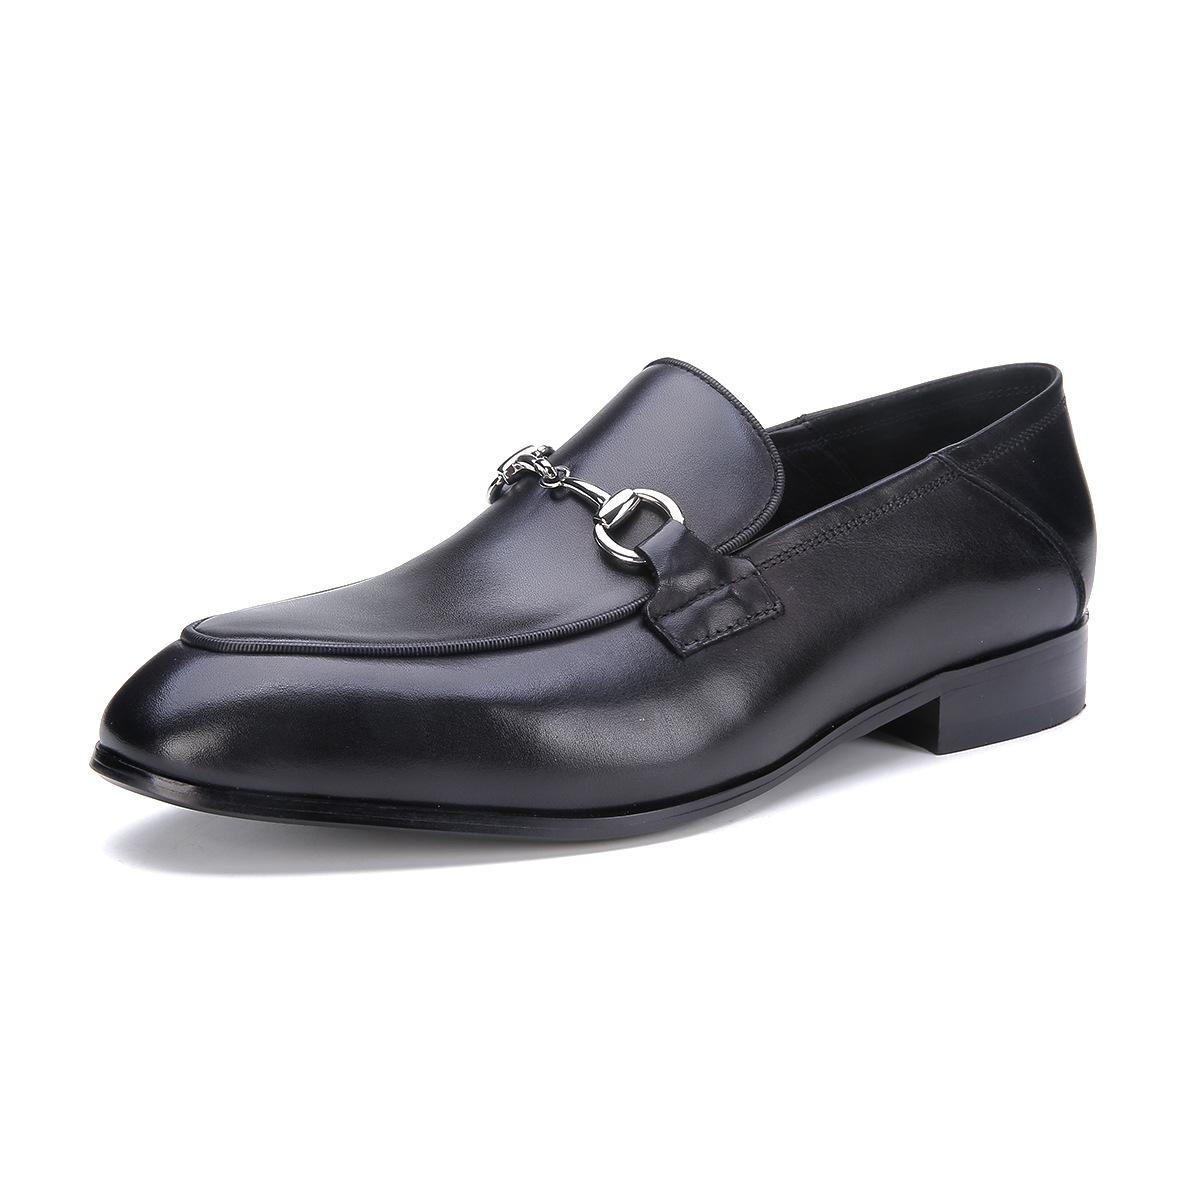 Sapatos de couro dos homens Oxfords Negócios Formal Wear Couro Calçados Tamanho Grande Pele de vaca Calçados masculinos confortáveis